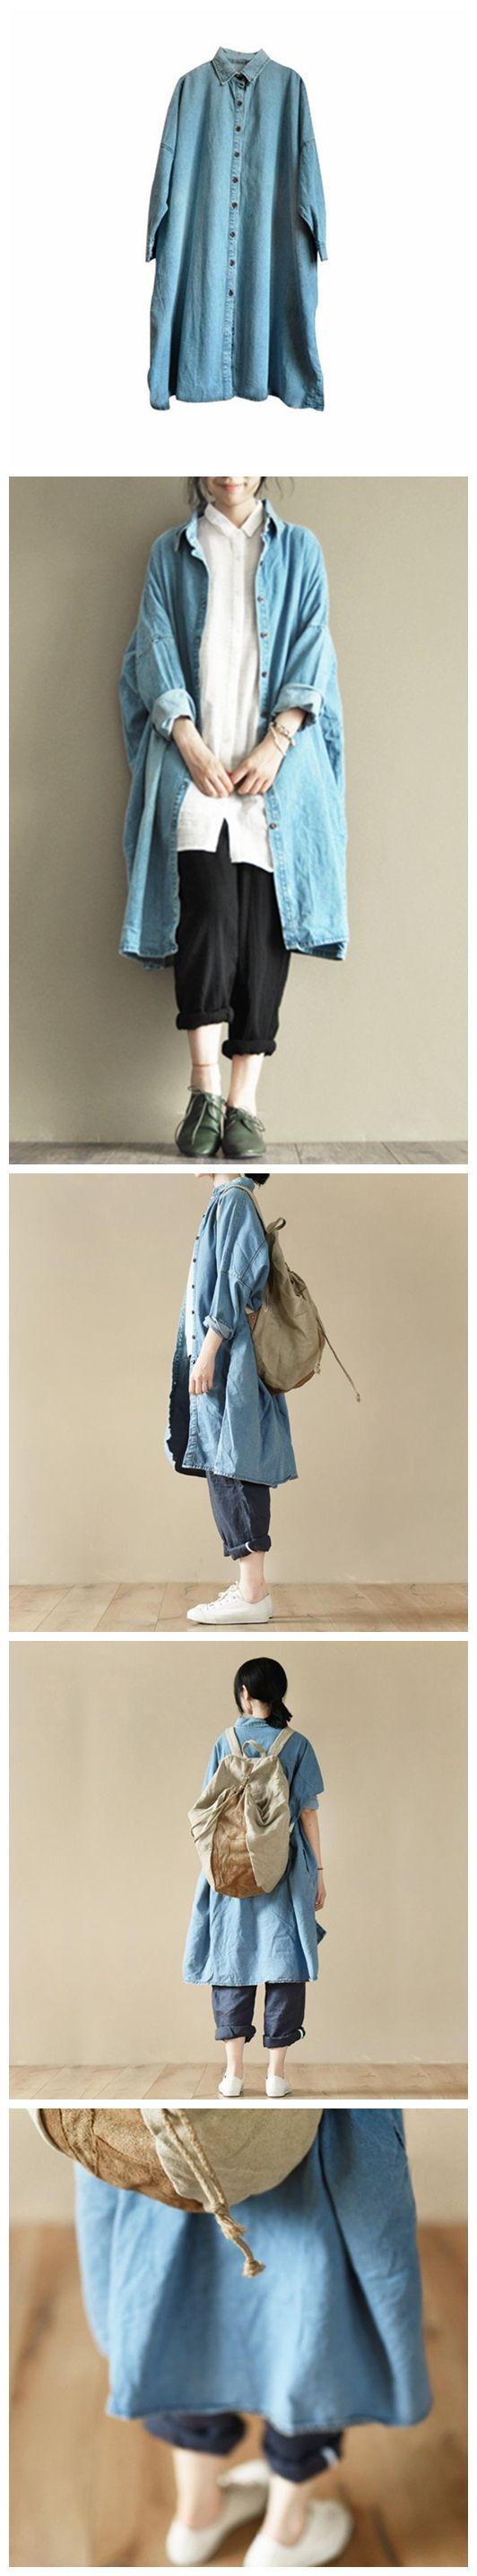 Blue Denim Boyfriend Long Shirt Women Tops LR500